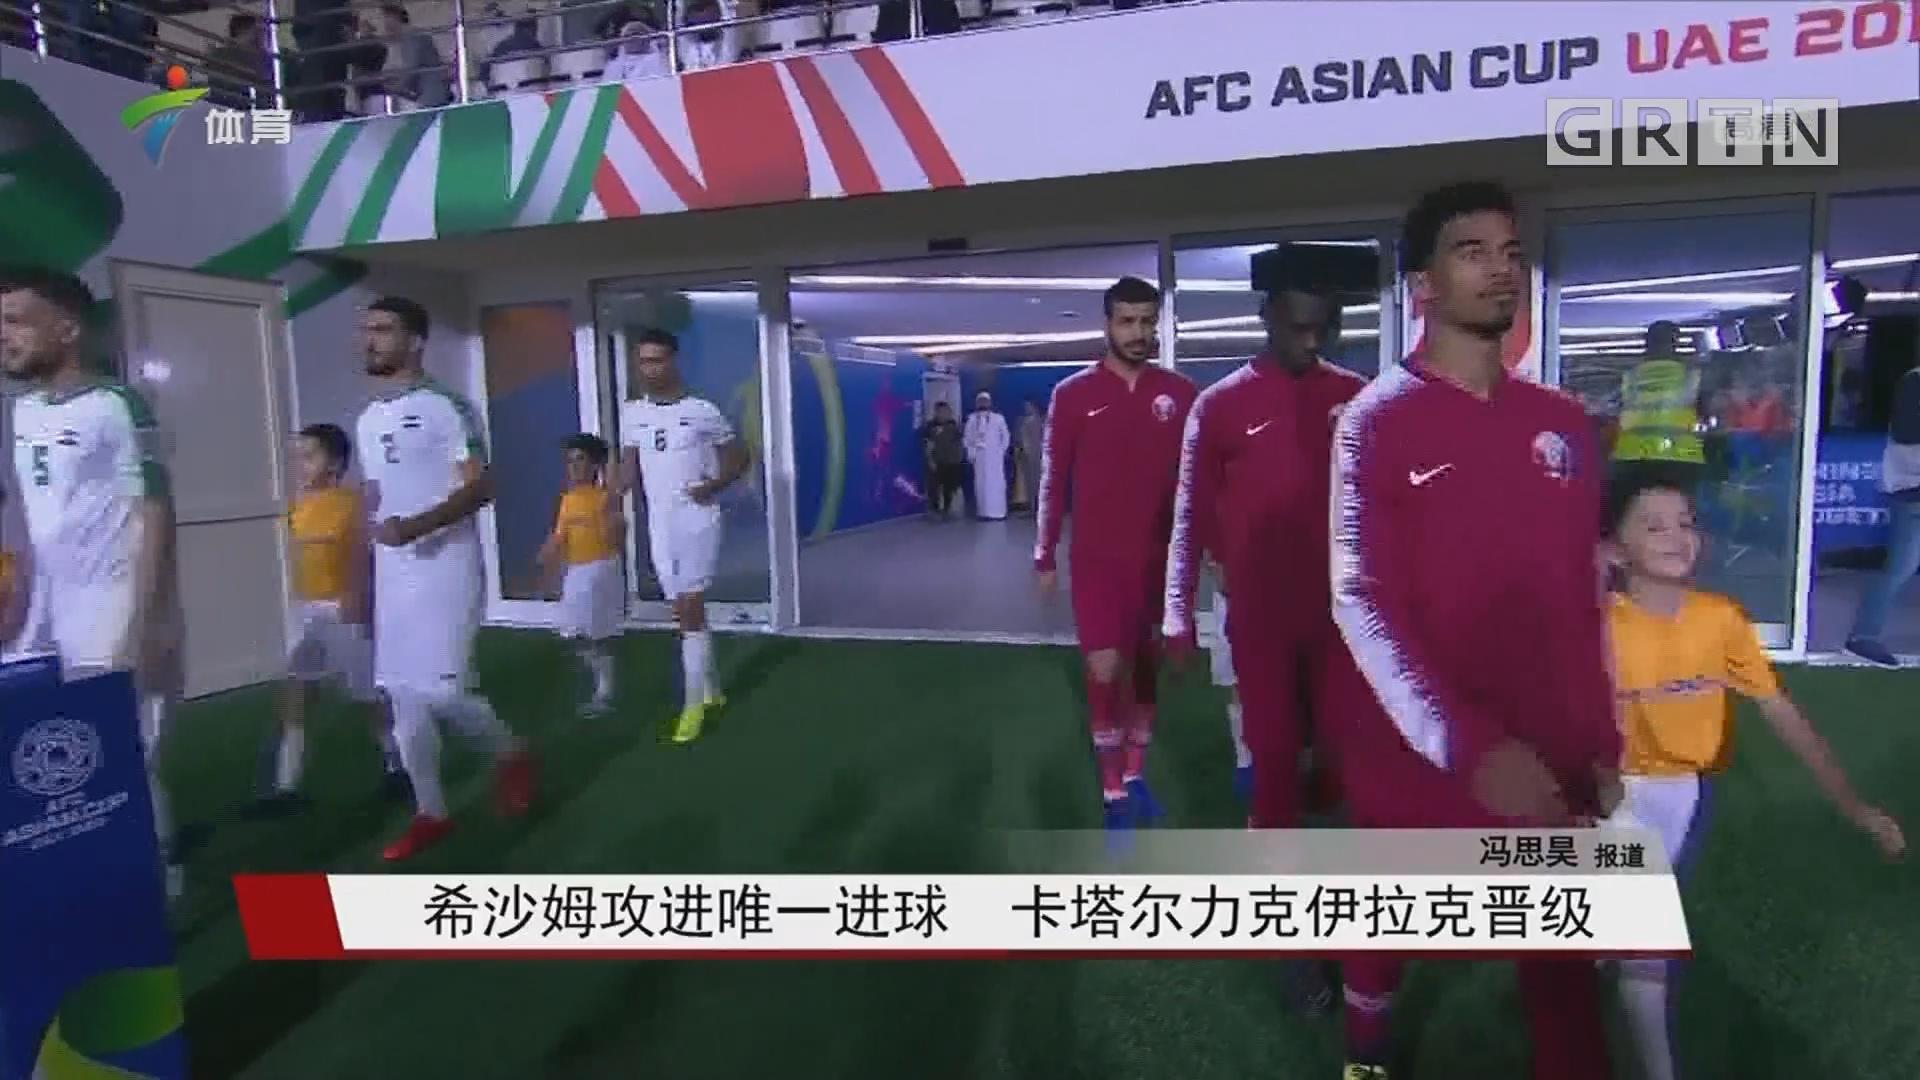 希沙姆攻进唯一进球 卡塔尔力克伊拉克晋级